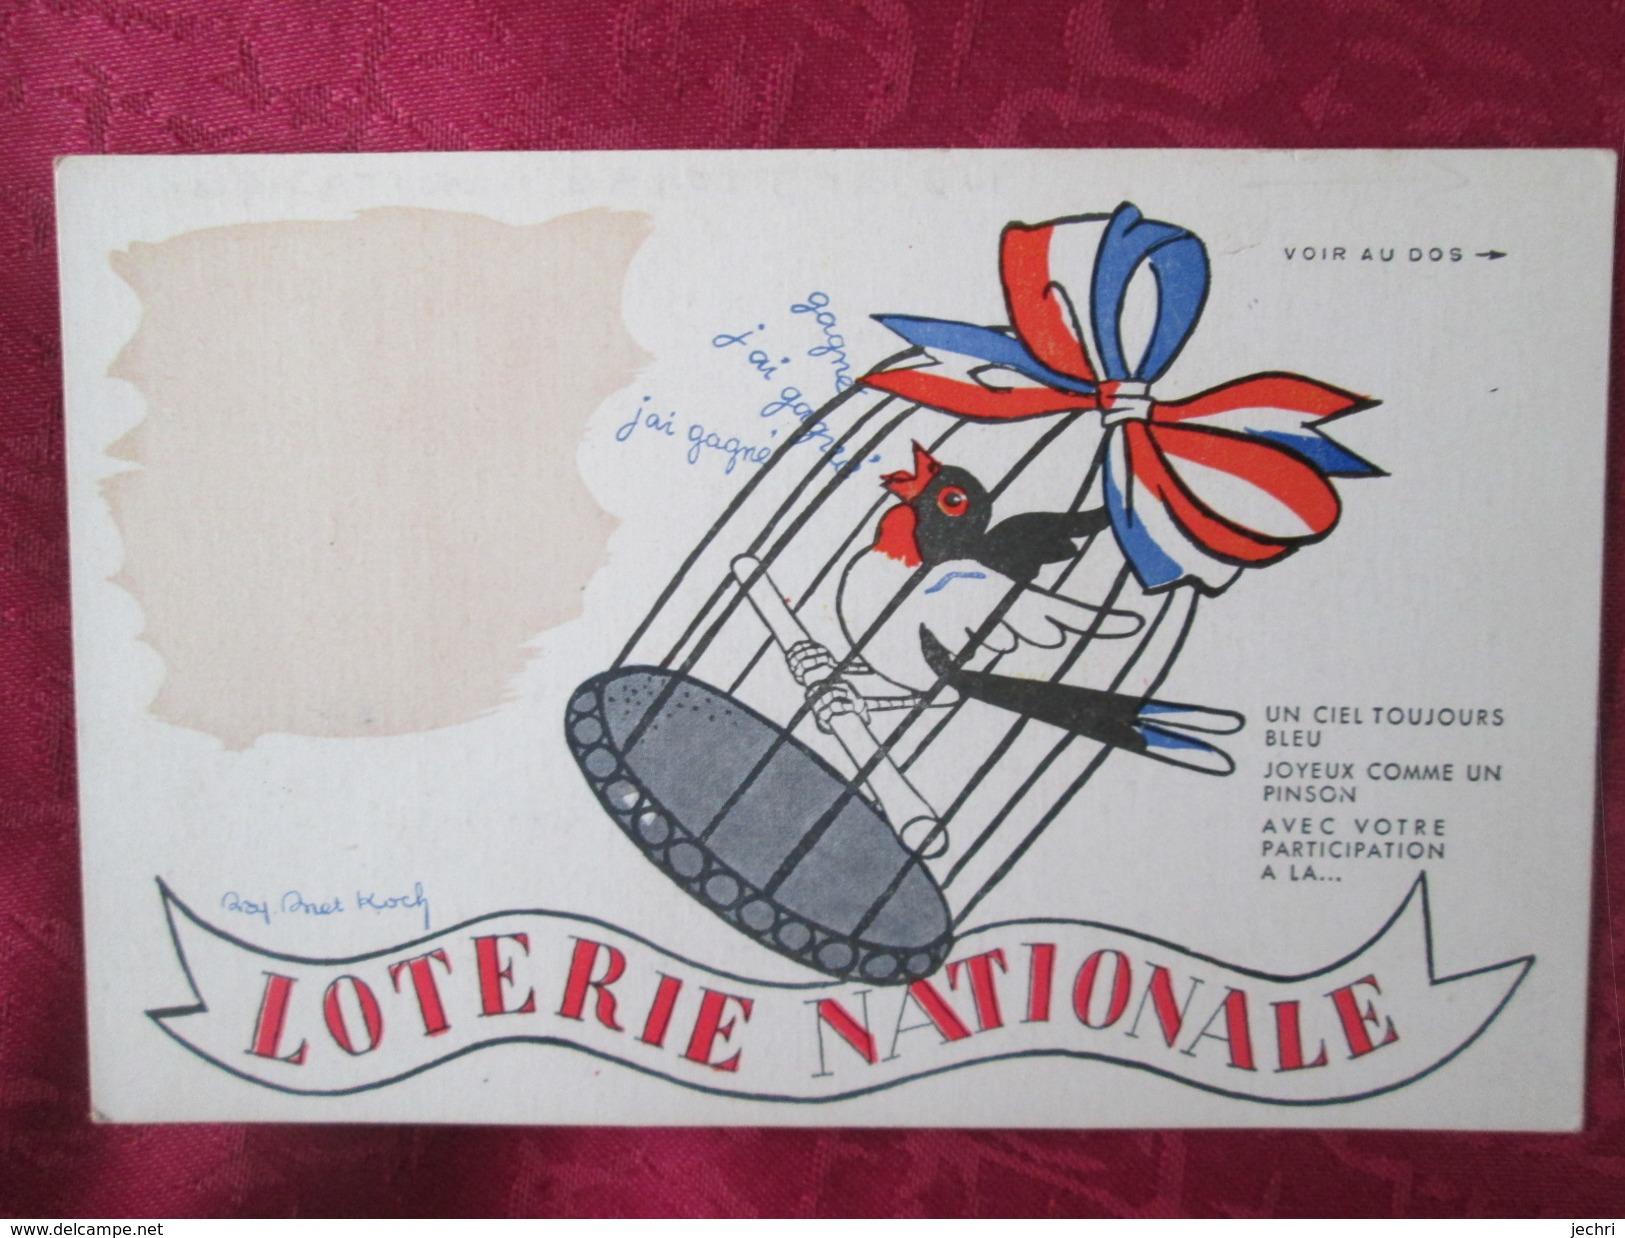 LOTERIE NATIONALE . OISEAU DANS UNE CAGE. CARTE BAROMETRIQUE - Cartes Postales